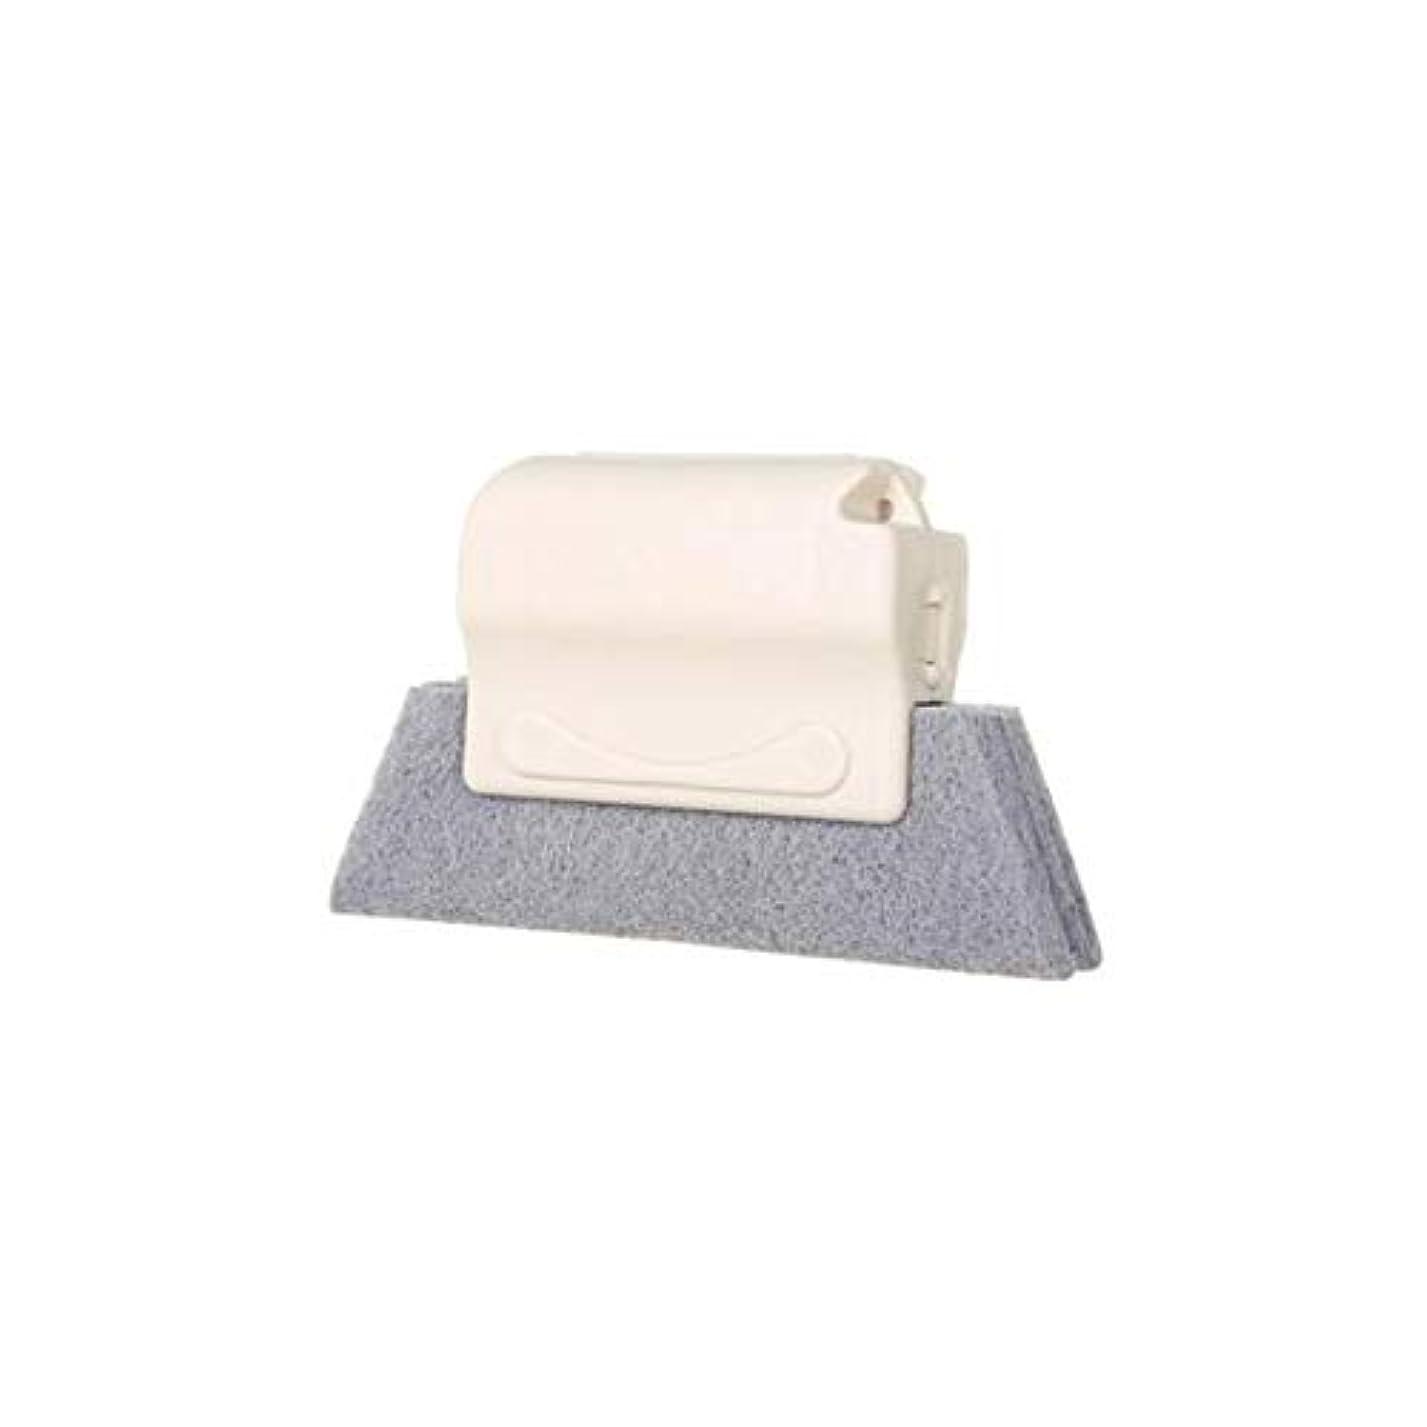 化粧ヘビー水平HJ 溝ブラシ 窓枠 掃除 隙間用 クリーナー ホコリ取り ほこりとり 雑巾 (5個セット)